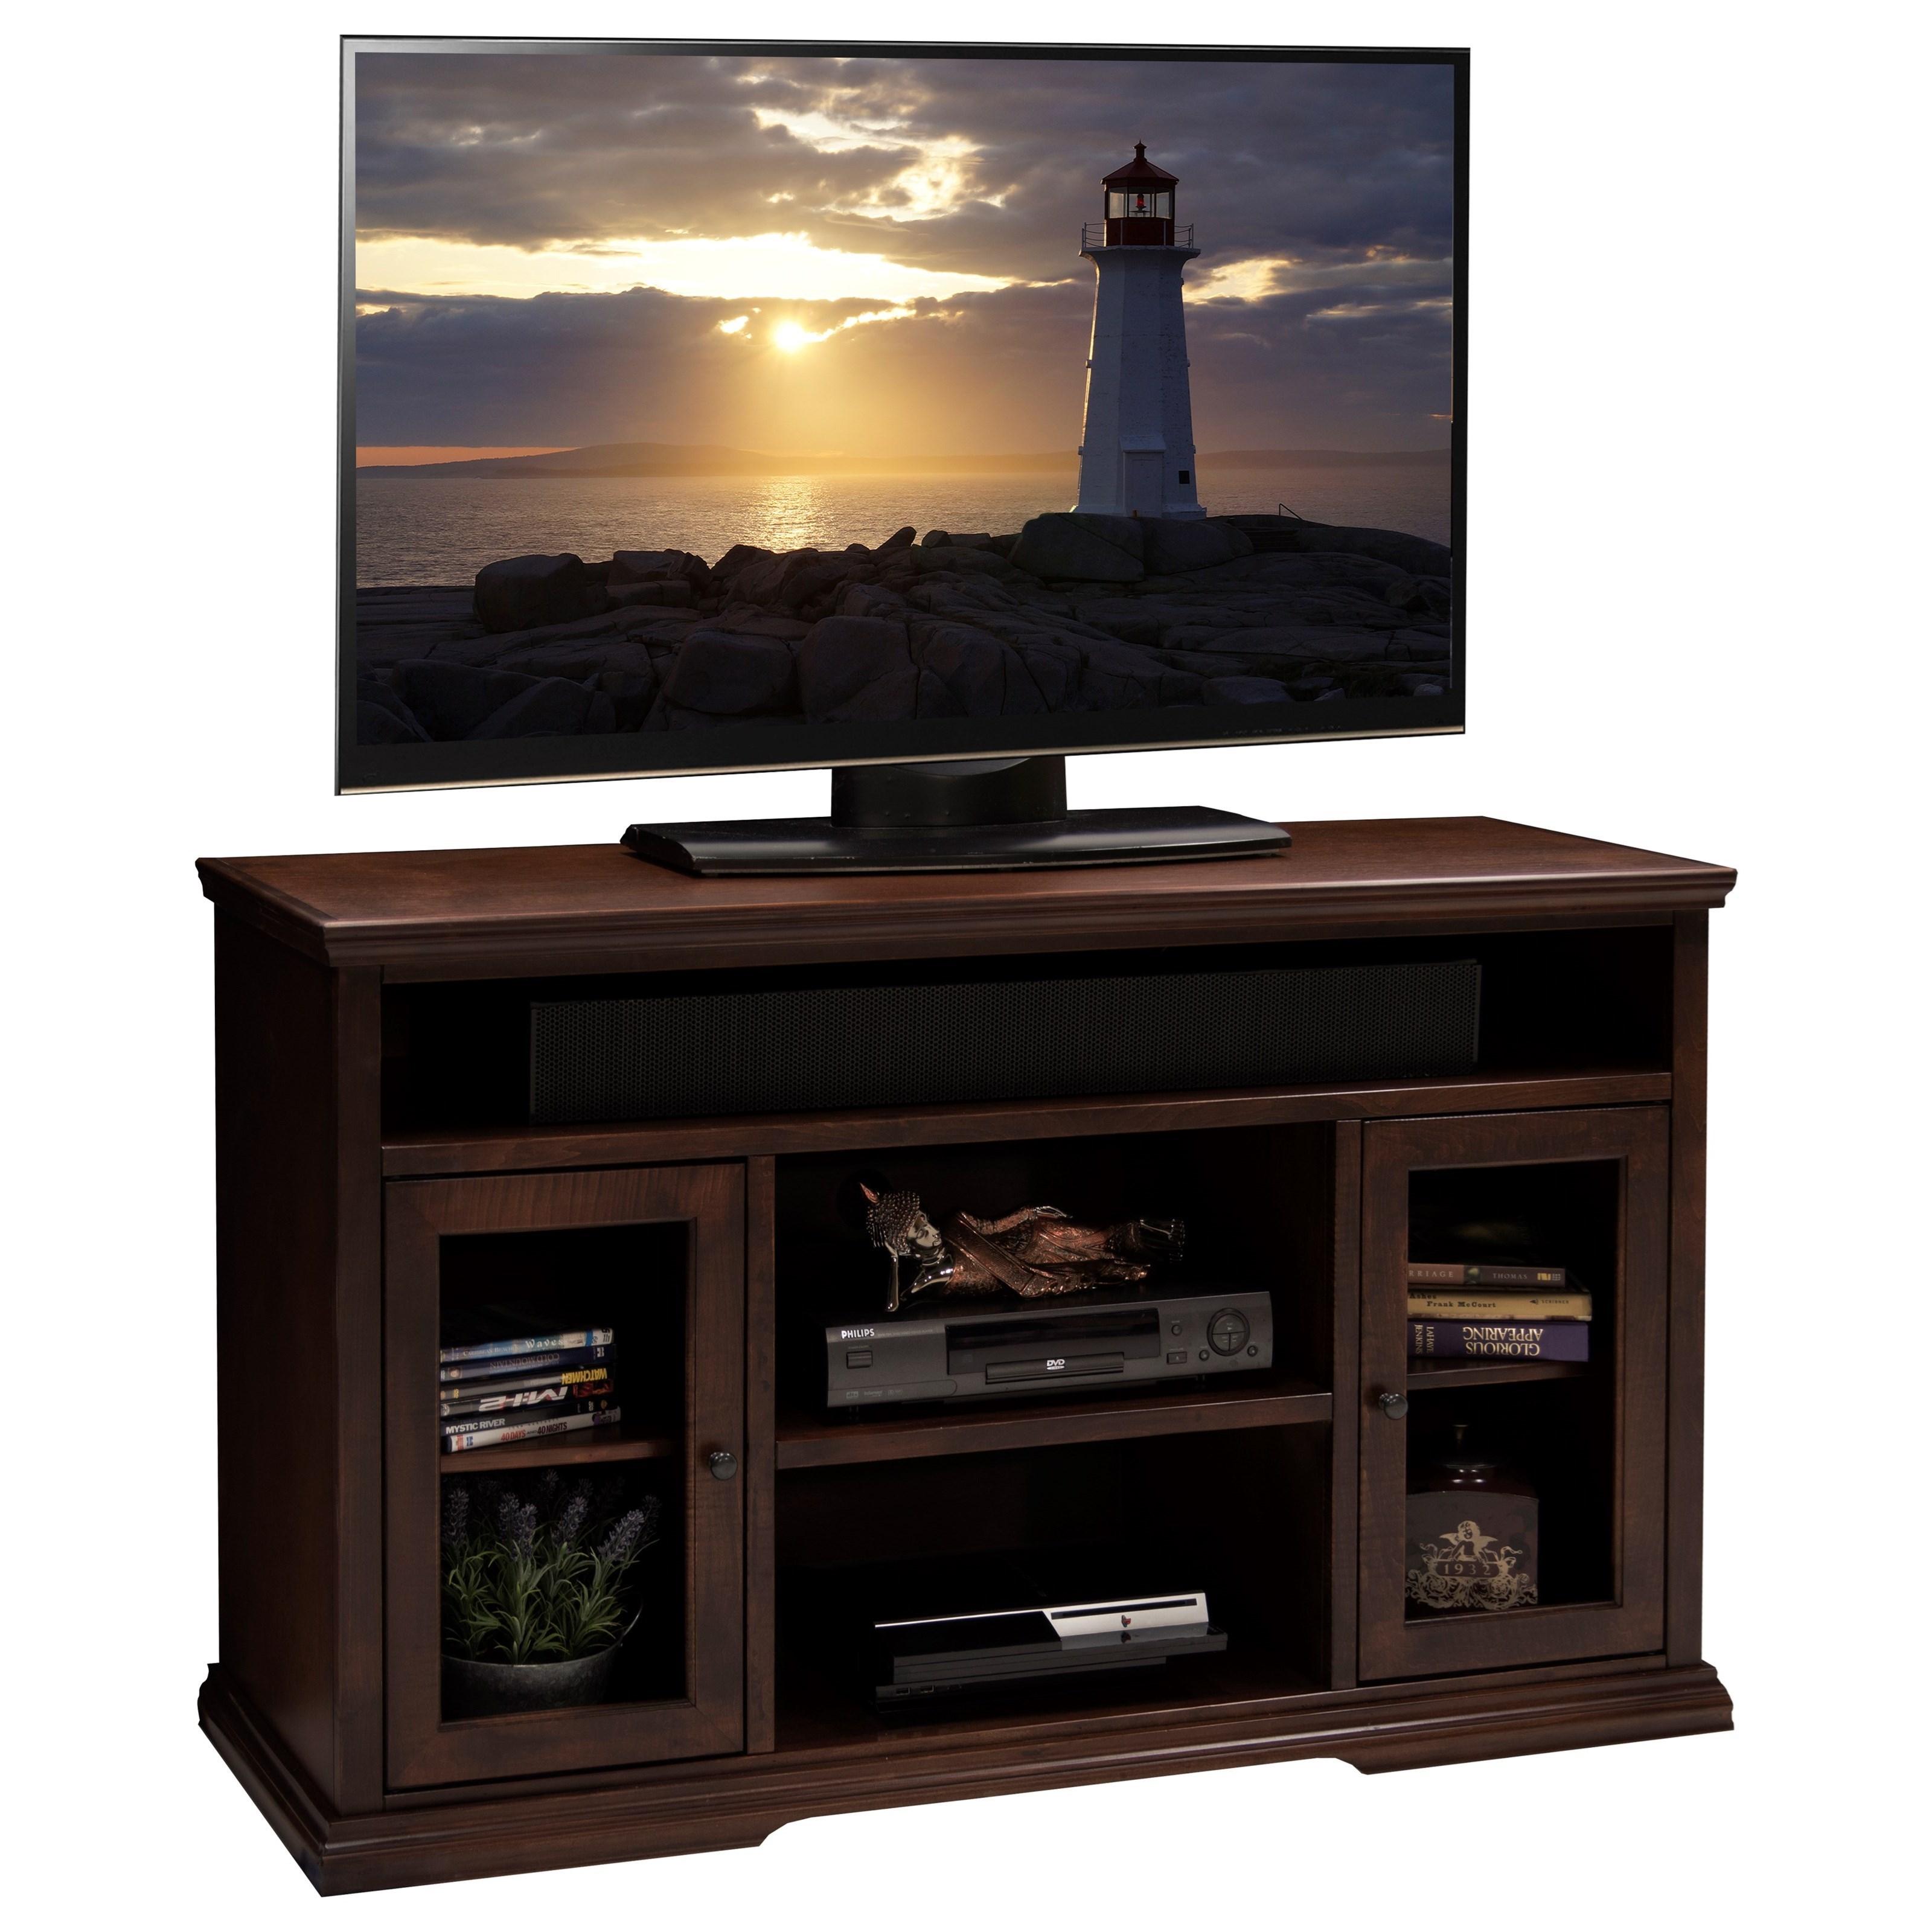 Legends furniture ashton place ap1327 dnc 54 inch tall tv for Ashton place